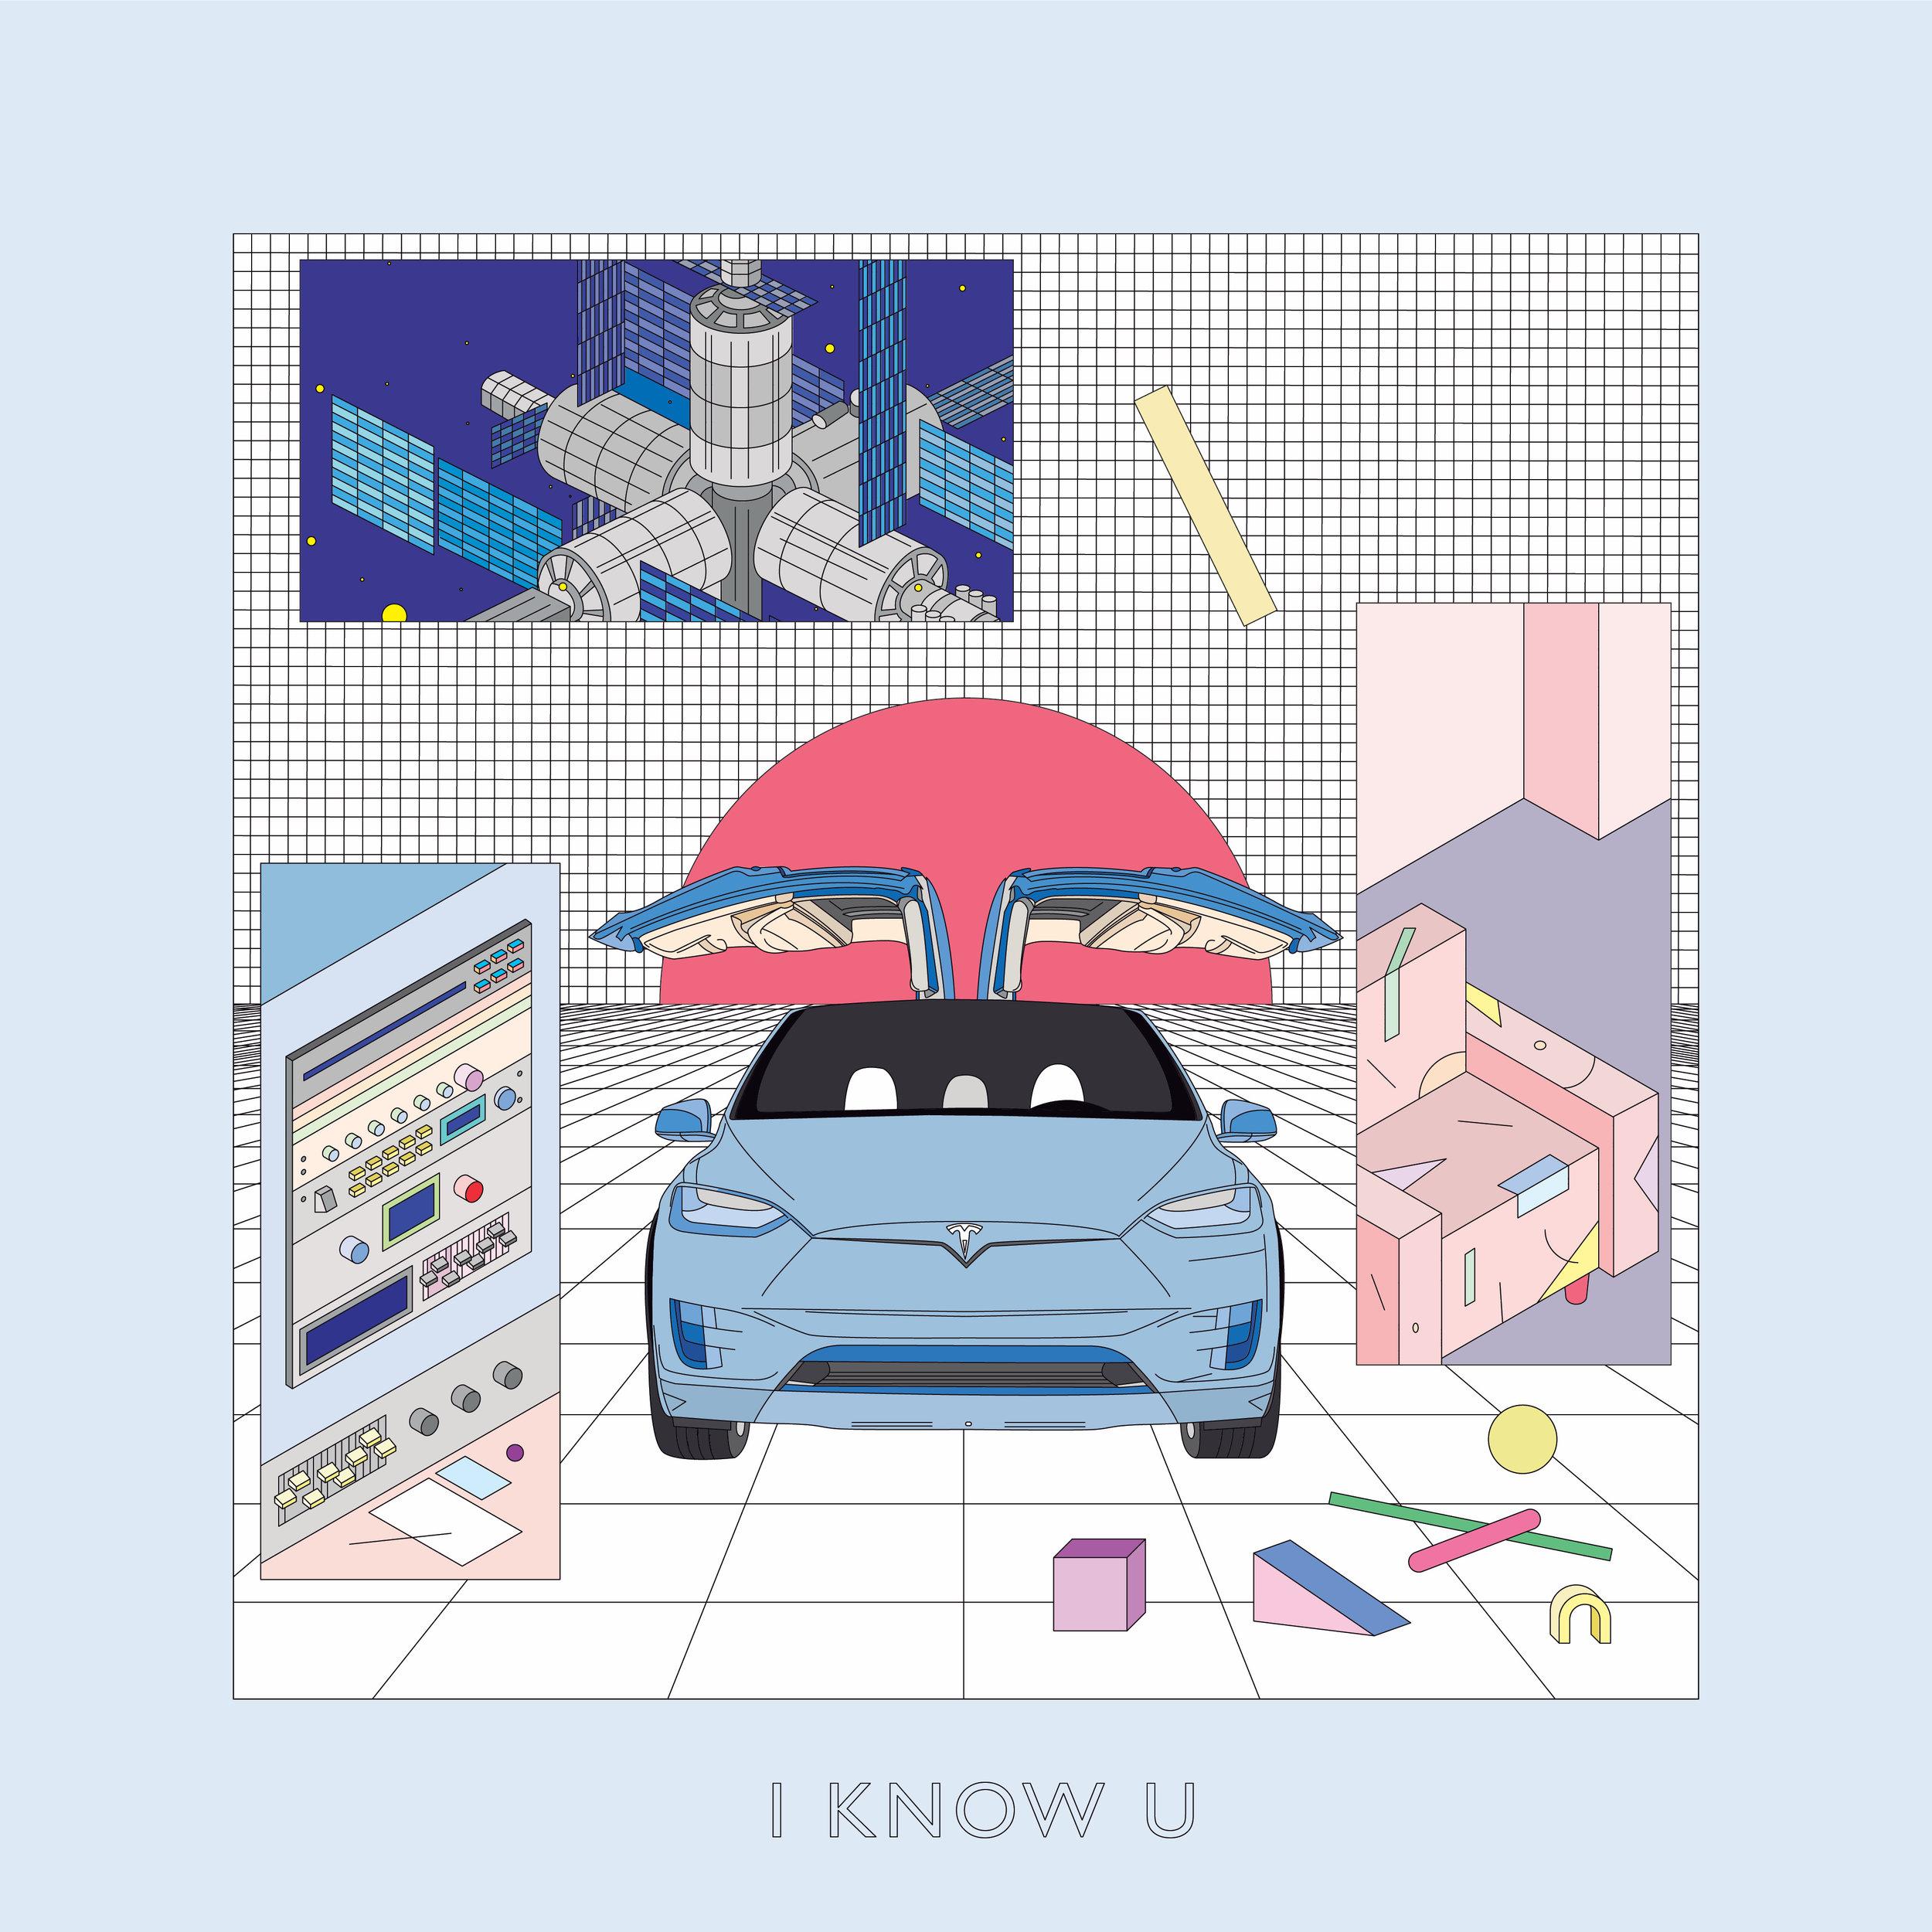 PLAYCES - I Know U